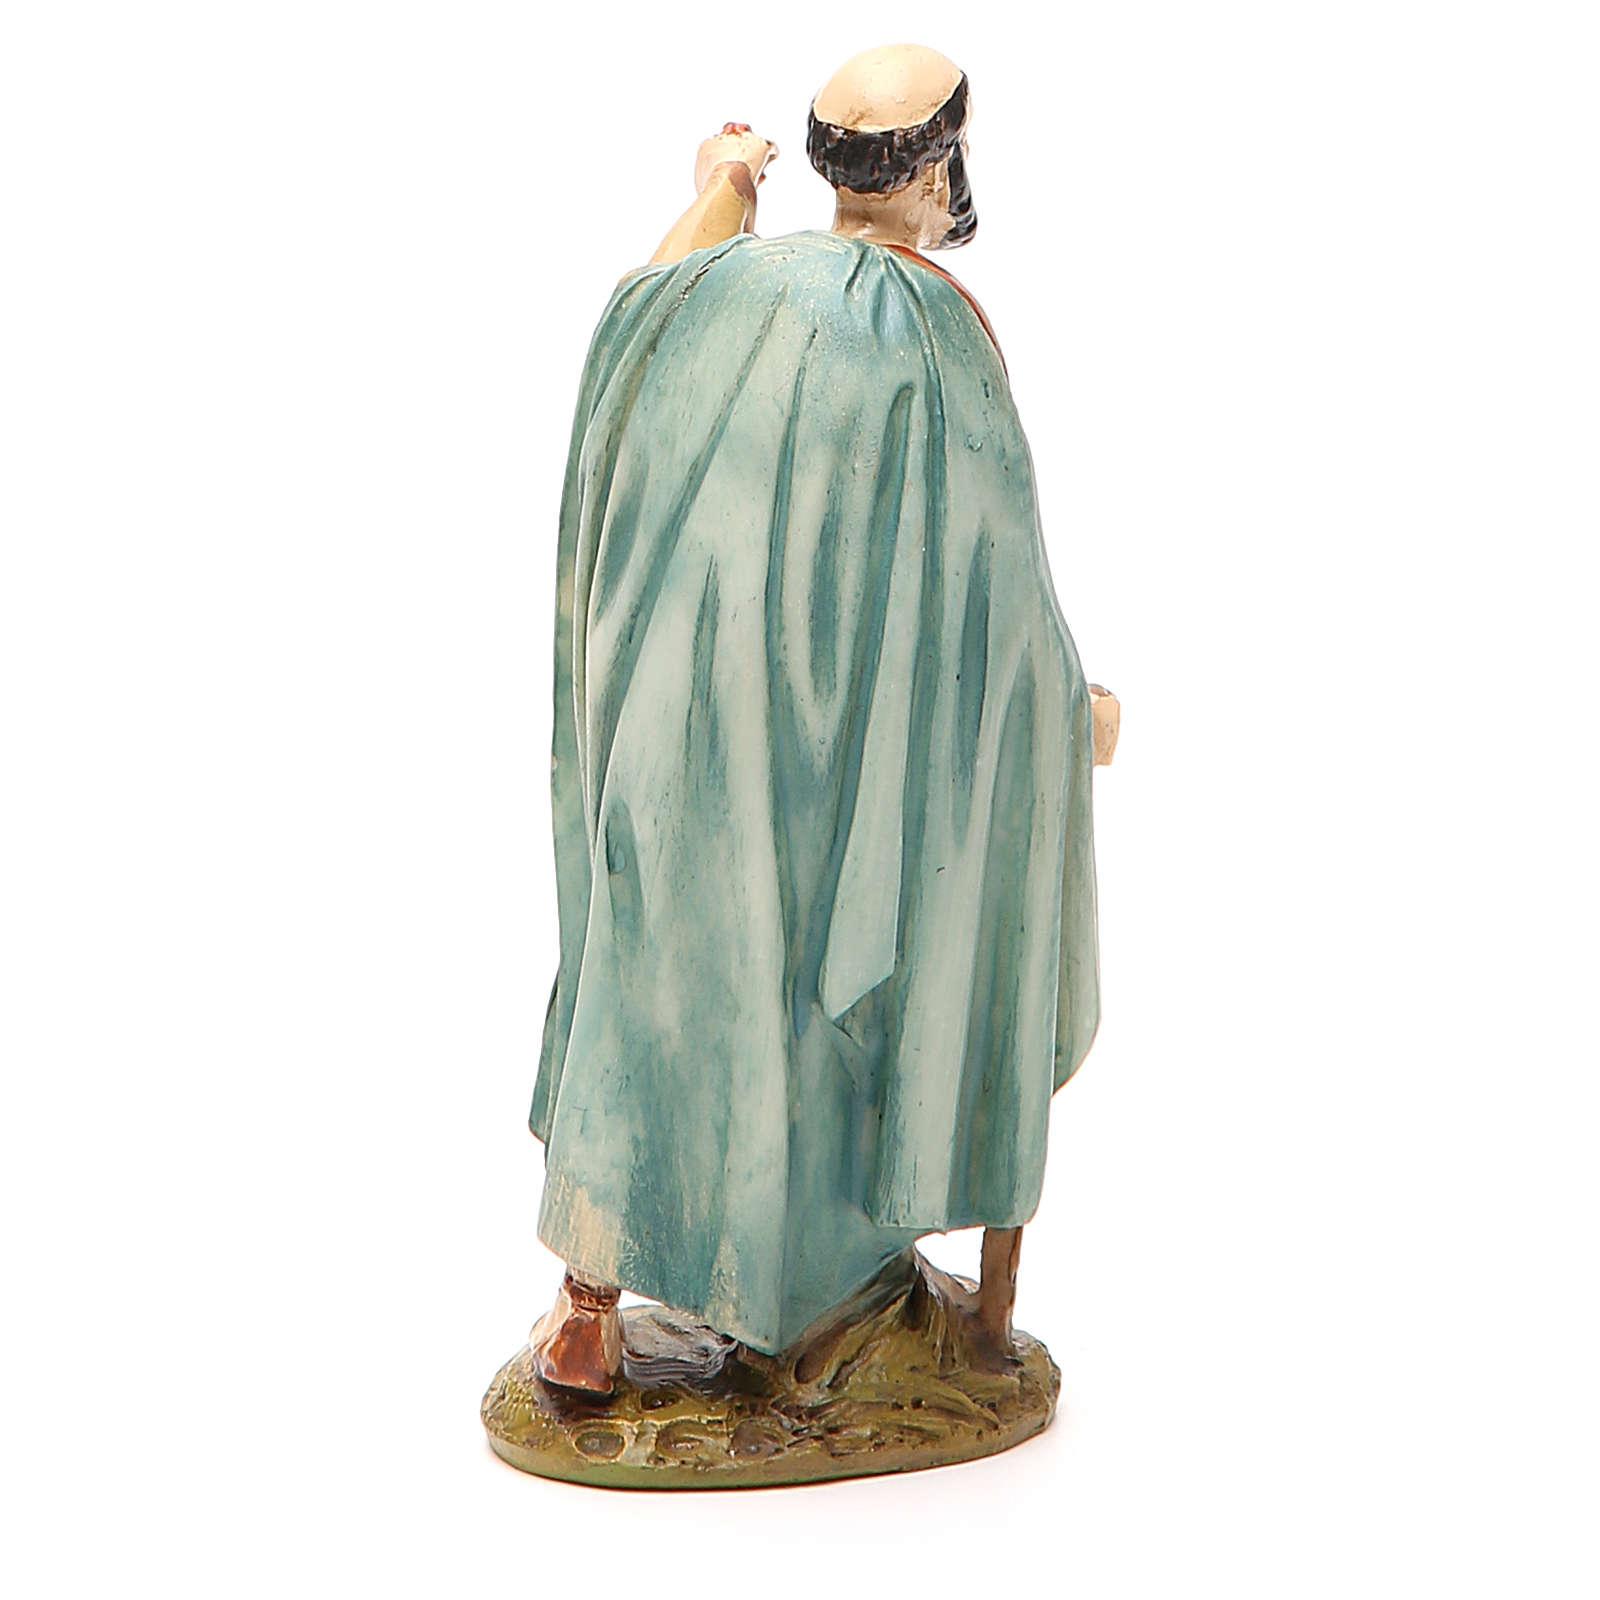 Pastor con farol resina pintada 12 cm Linea barata Landi 3